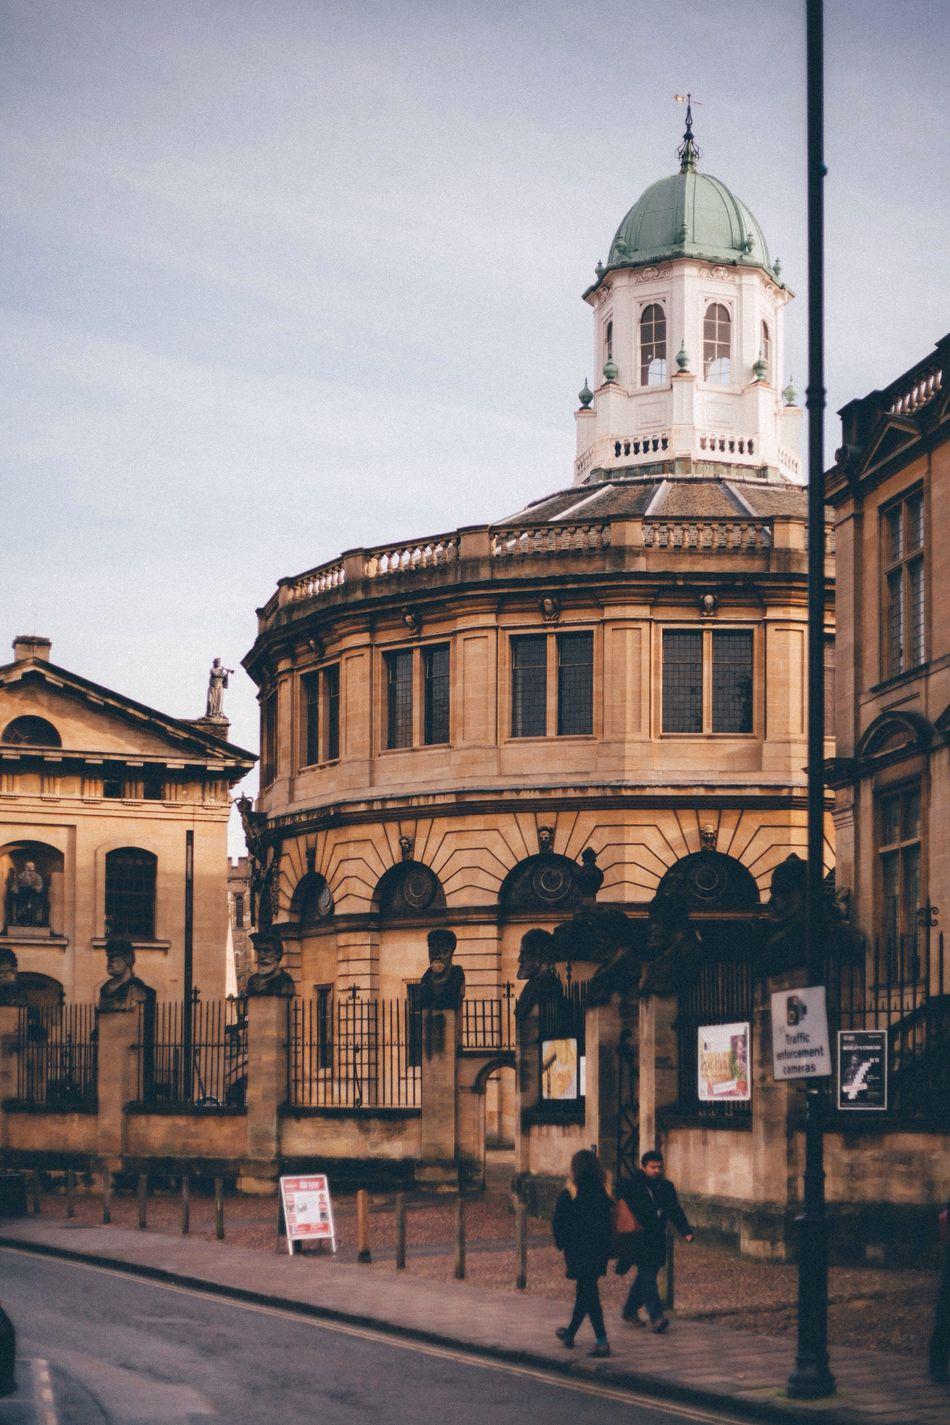 Oxford 2016 Vscocam Vscogood VSCO EyeEm Best Shots Eye4photography  EyeEm Gallery EyeEmBestPics Exploring Oxford